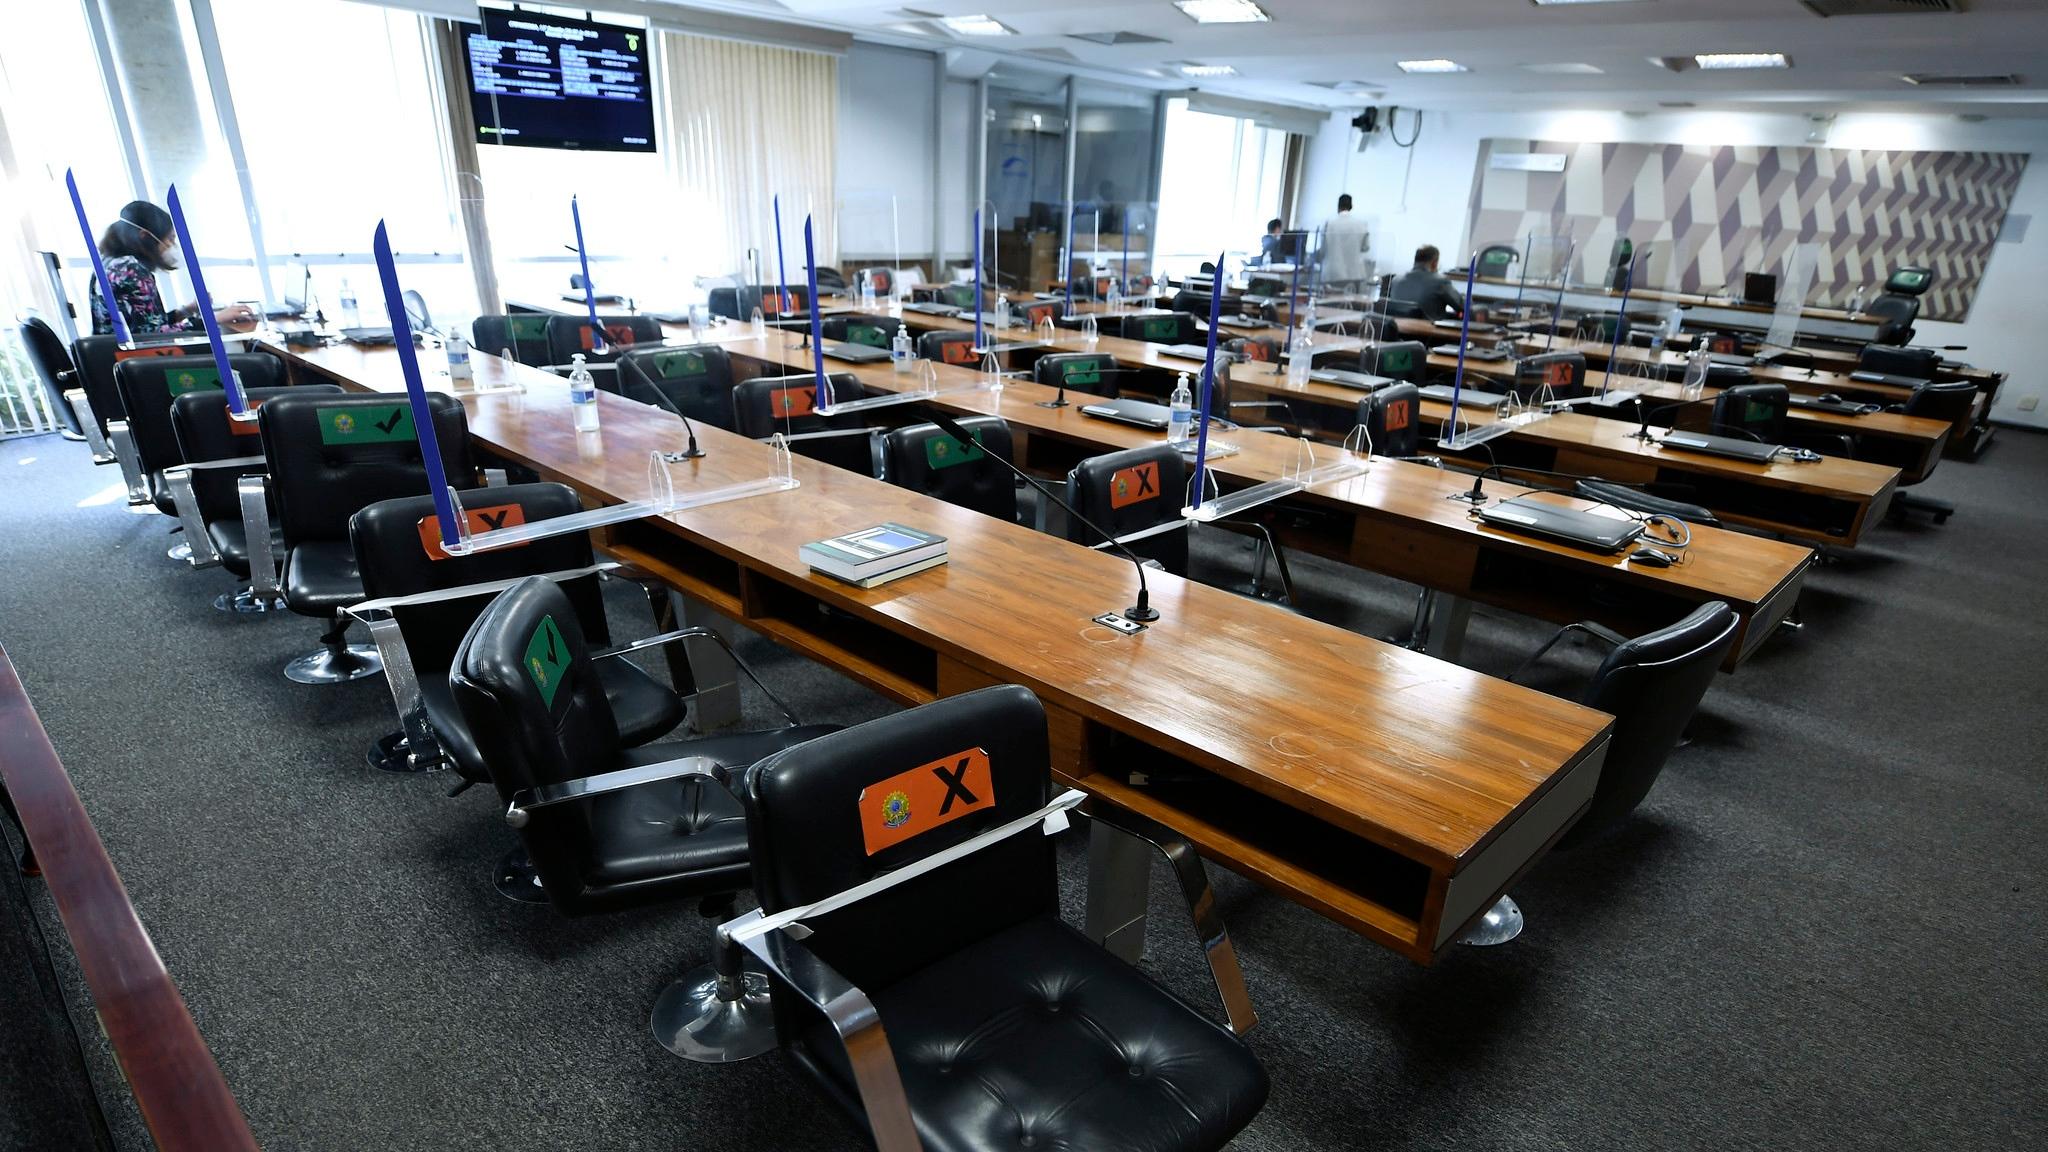 Senadores suspenderam sessão da CPI da Pandemia para reunião fechada